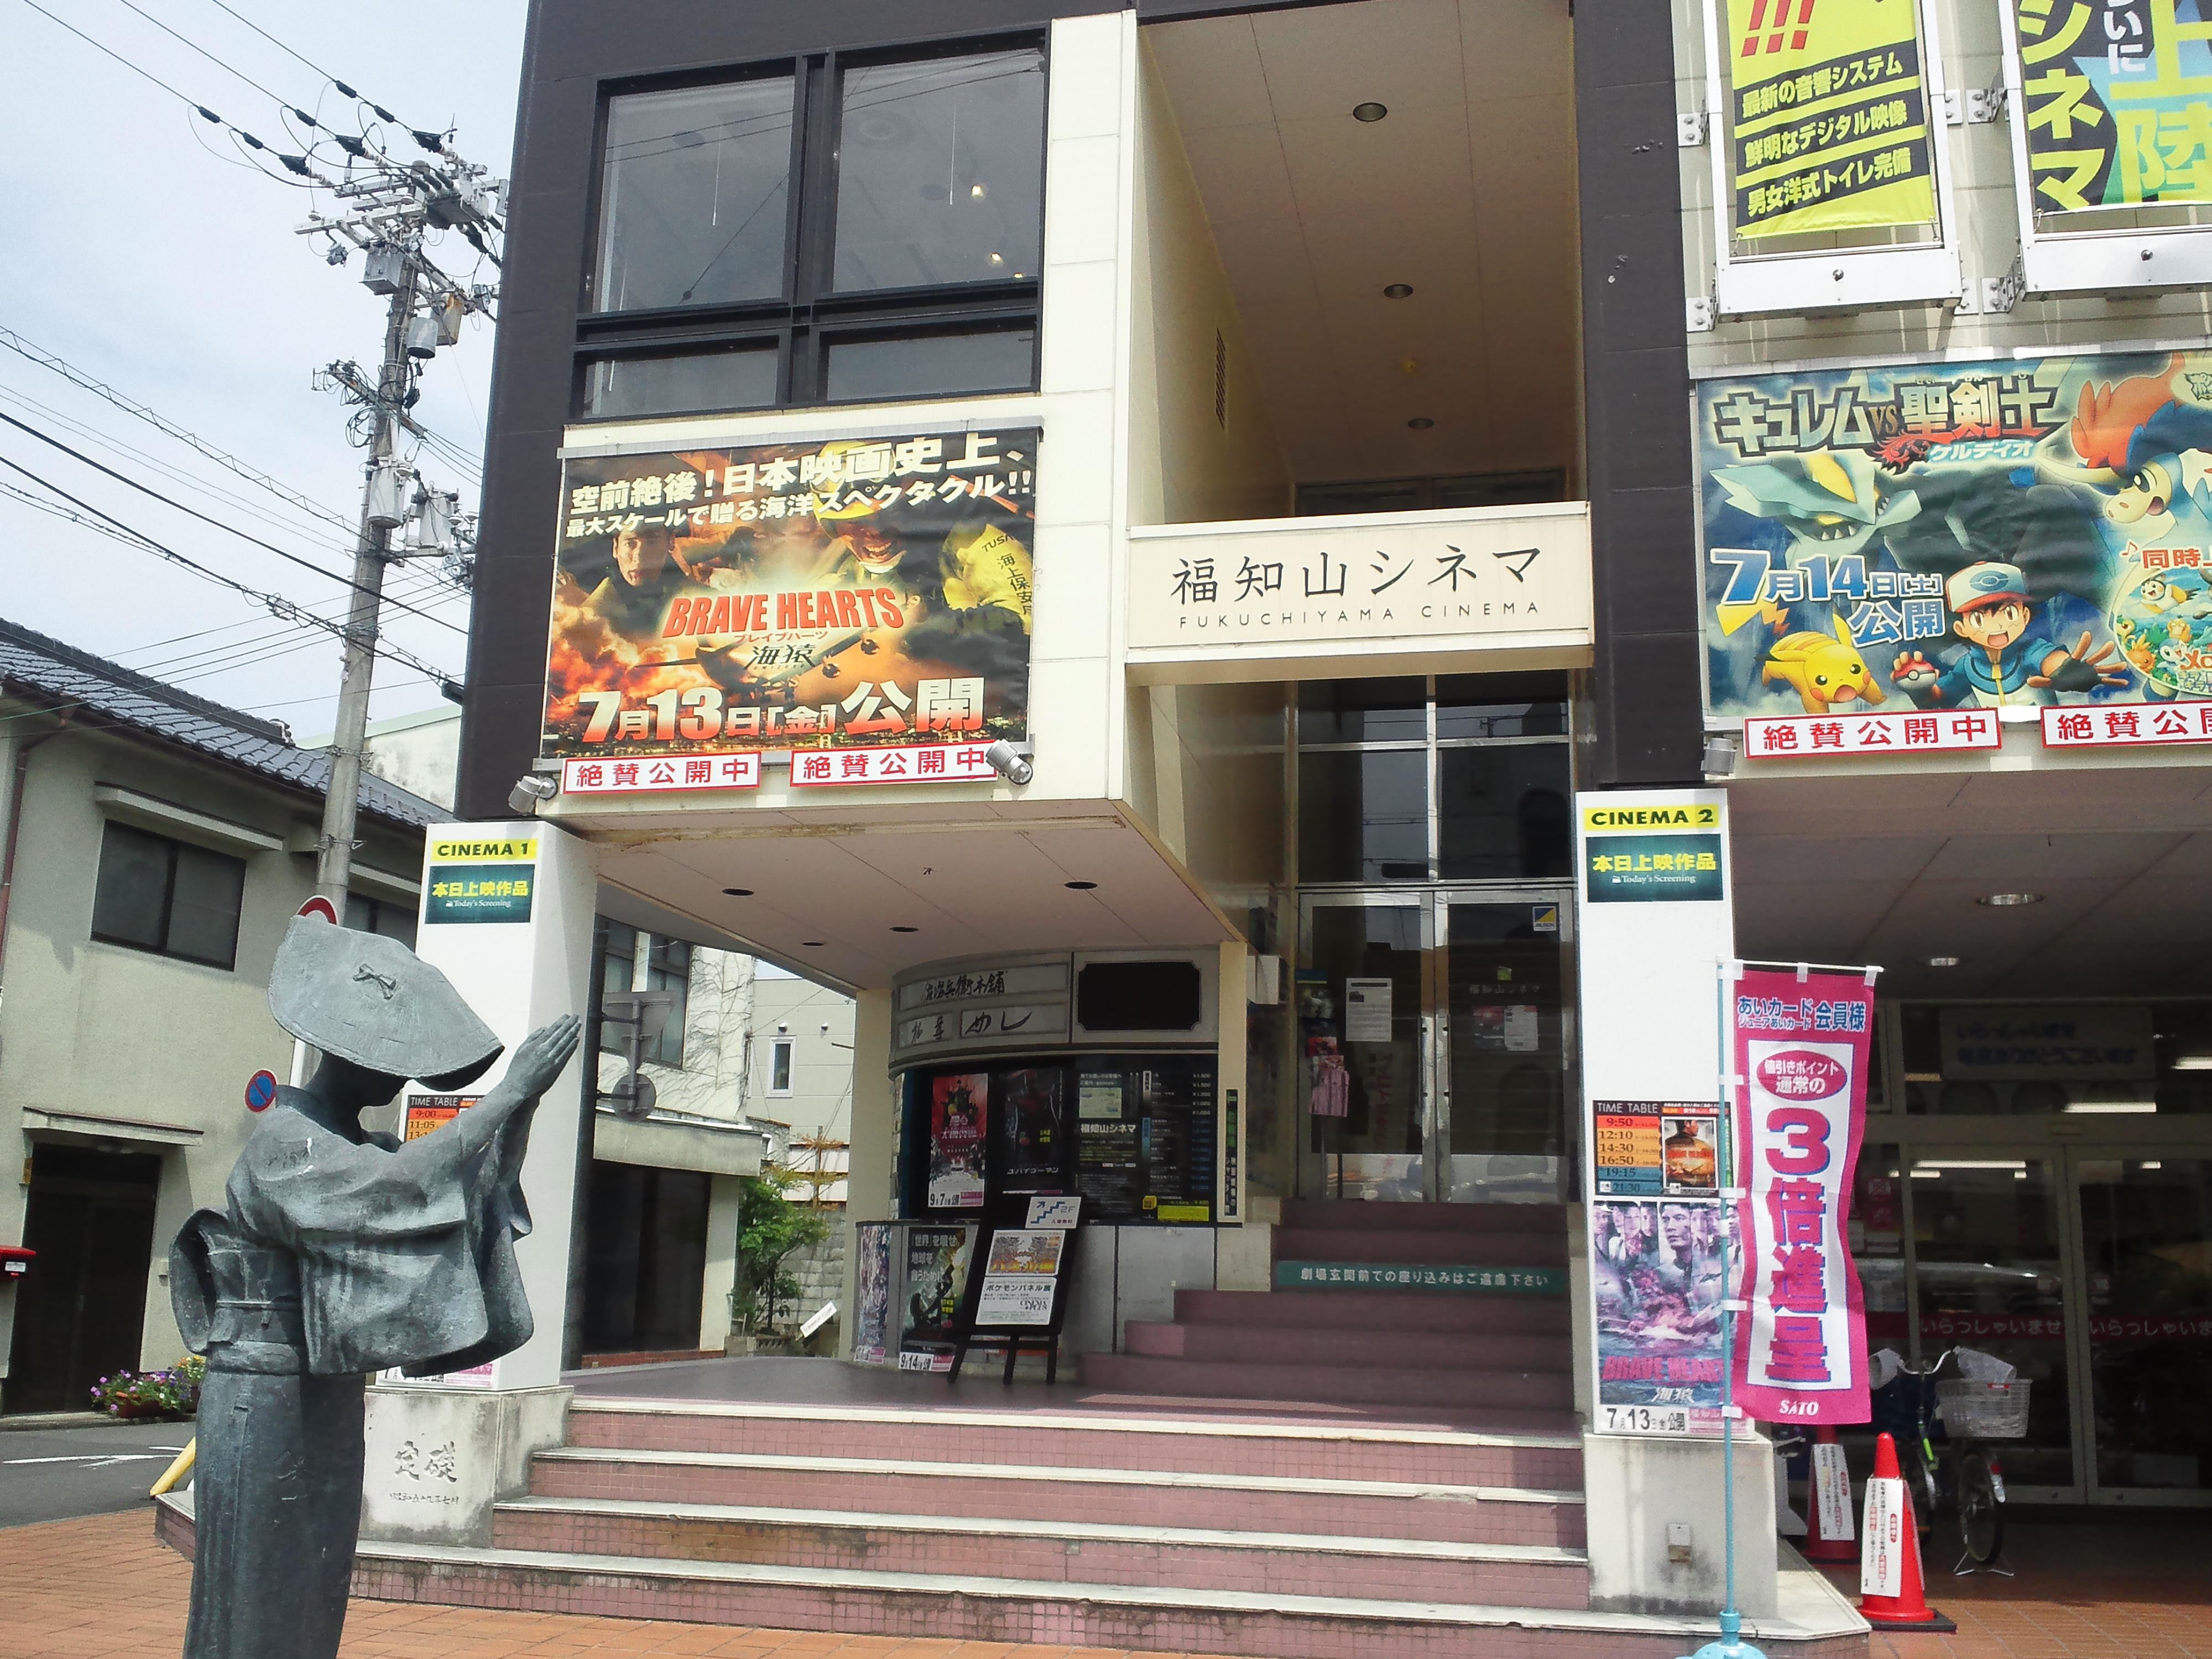 丹後に来た嫁の日常 Blog Archive 福知山シネマと豊岡劇場